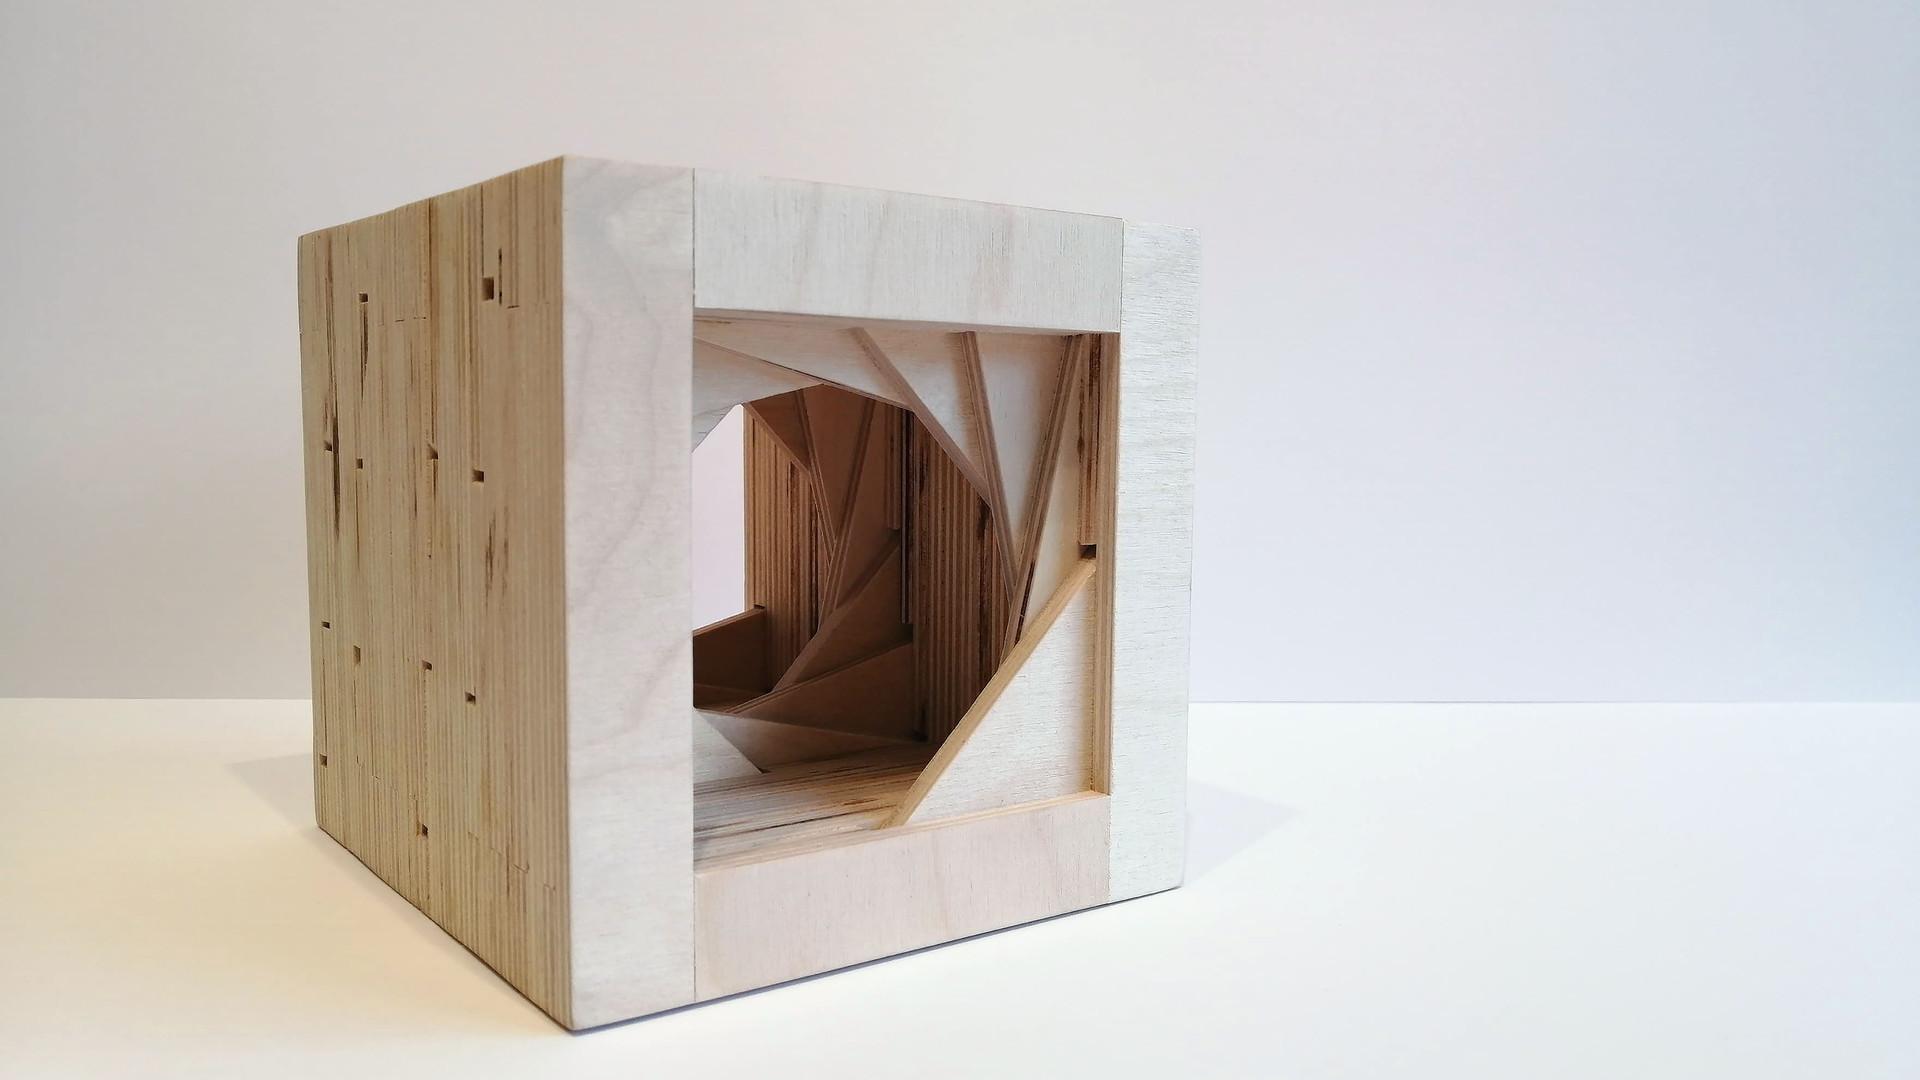 Birch Plywood Sculpture